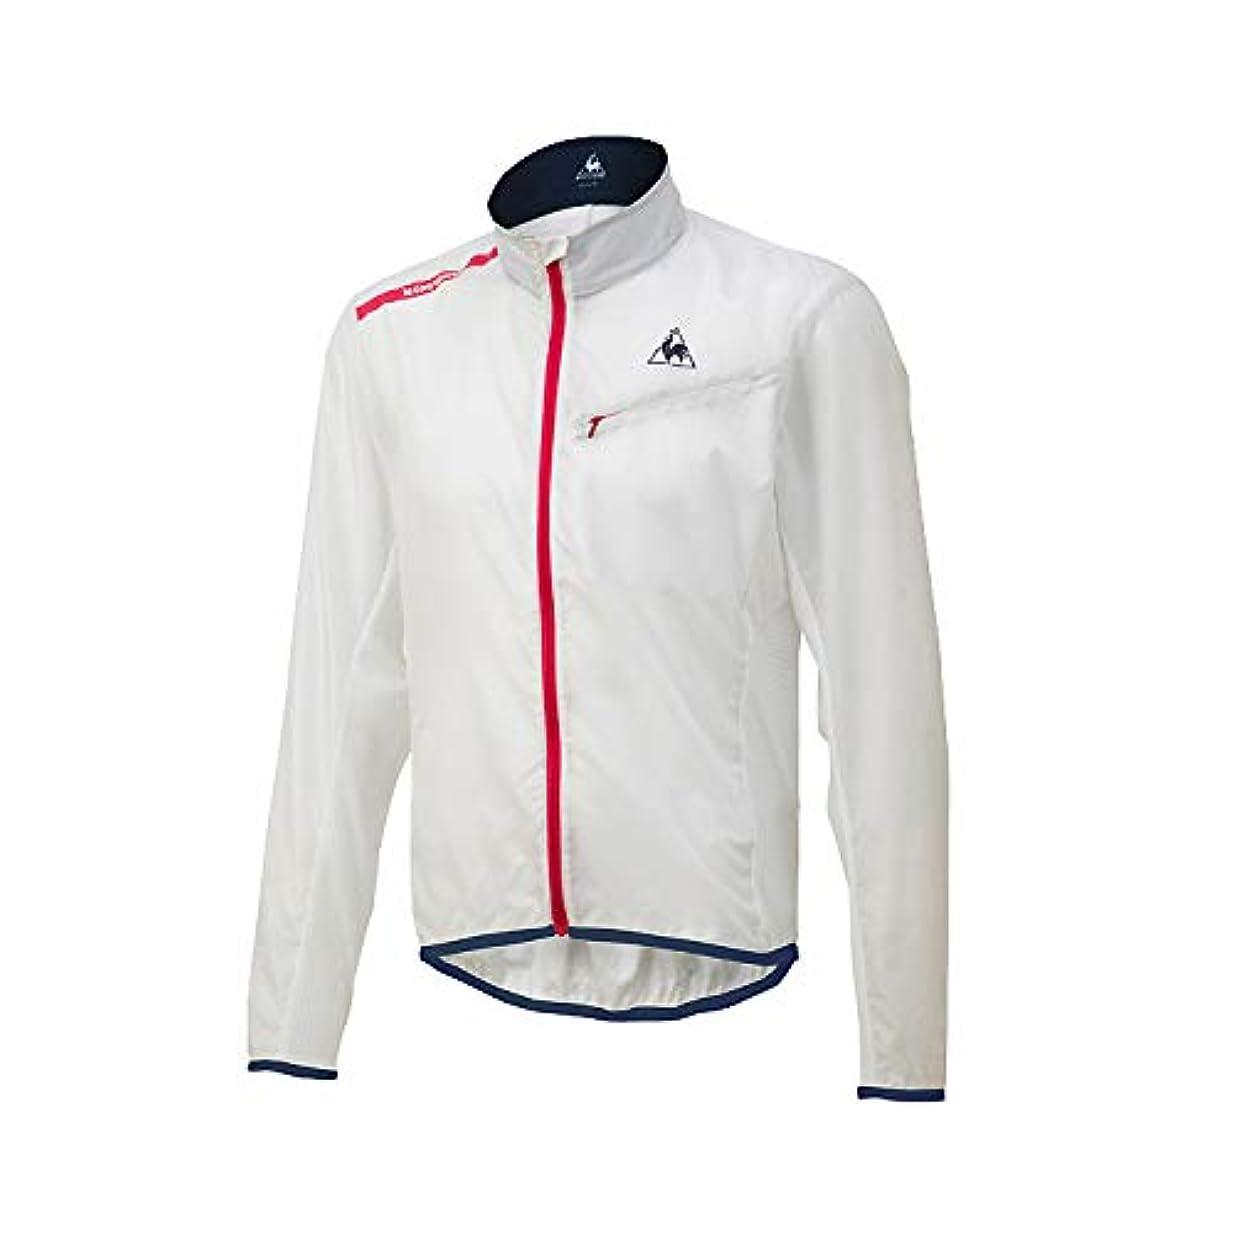 フェミニンアルプス階層le coq sportif ルコックスポルティフ QCMNGC22 ホワイト(半透明) Sサイズ クリアジャケット LCS4548951680507